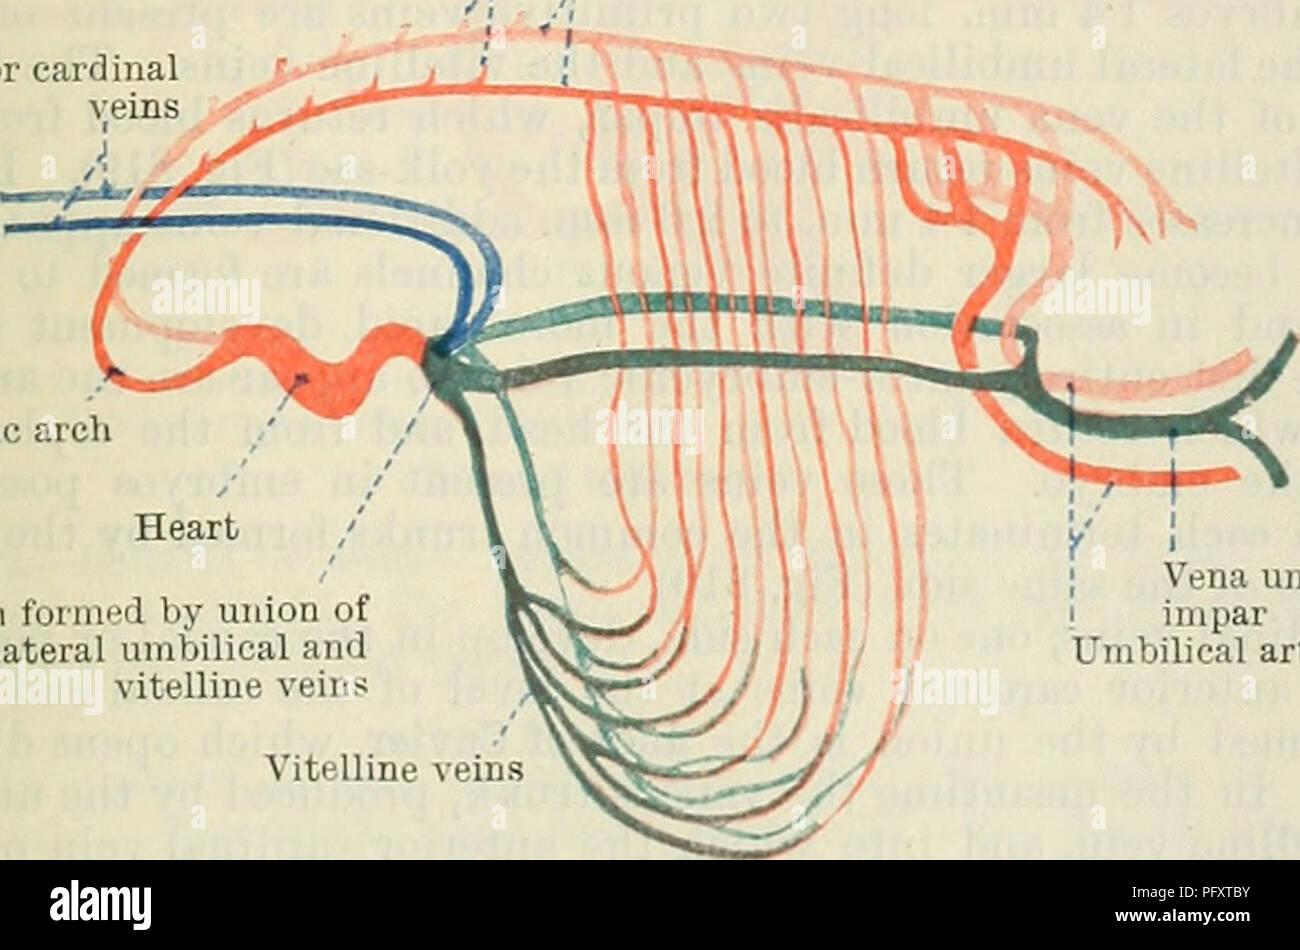 Umbilical Arteries Imágenes De Stock & Umbilical Arteries Fotos De ...